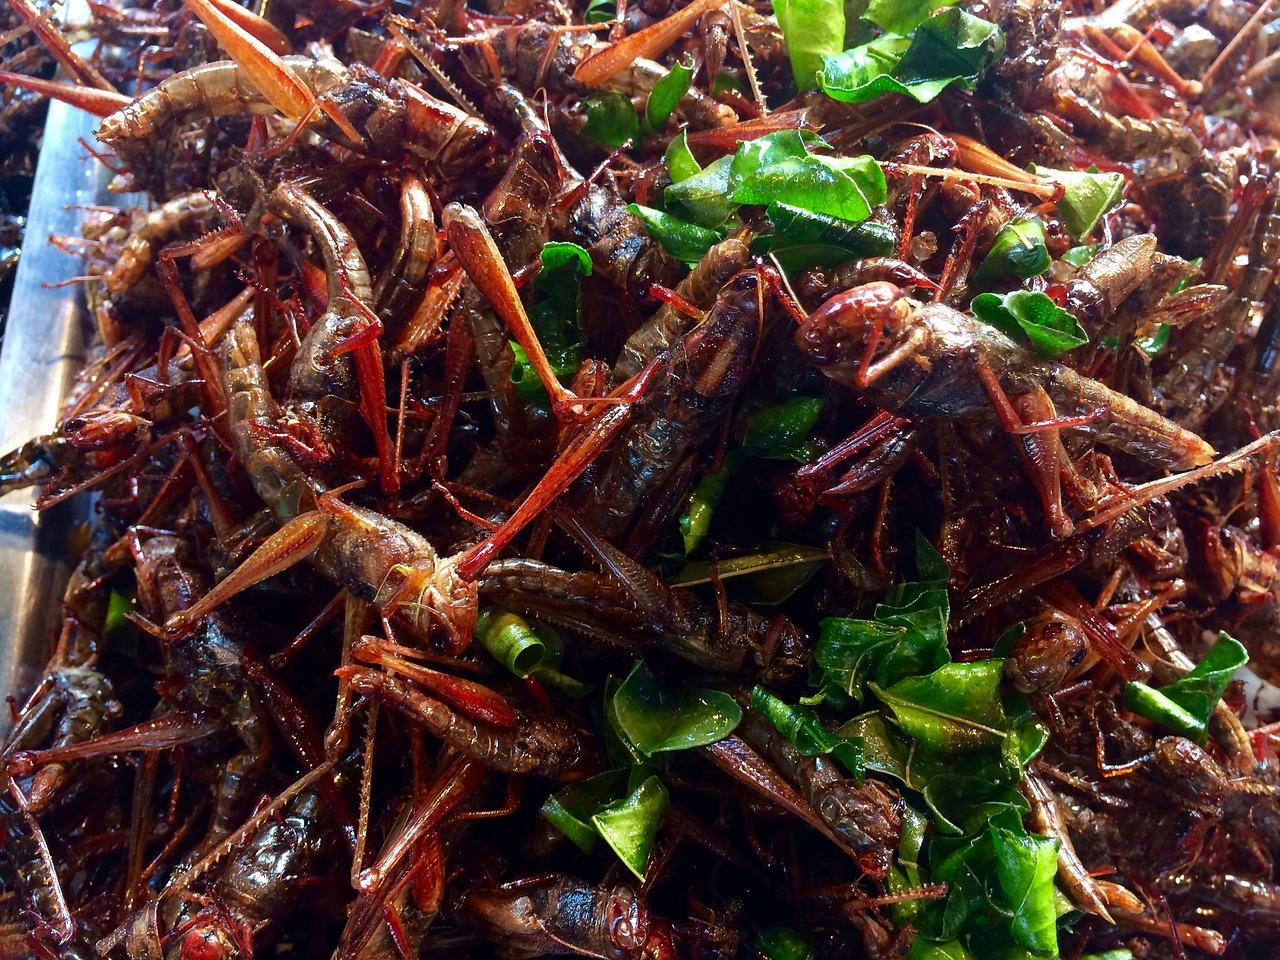 grasshoppers-1958127_1280.jpg